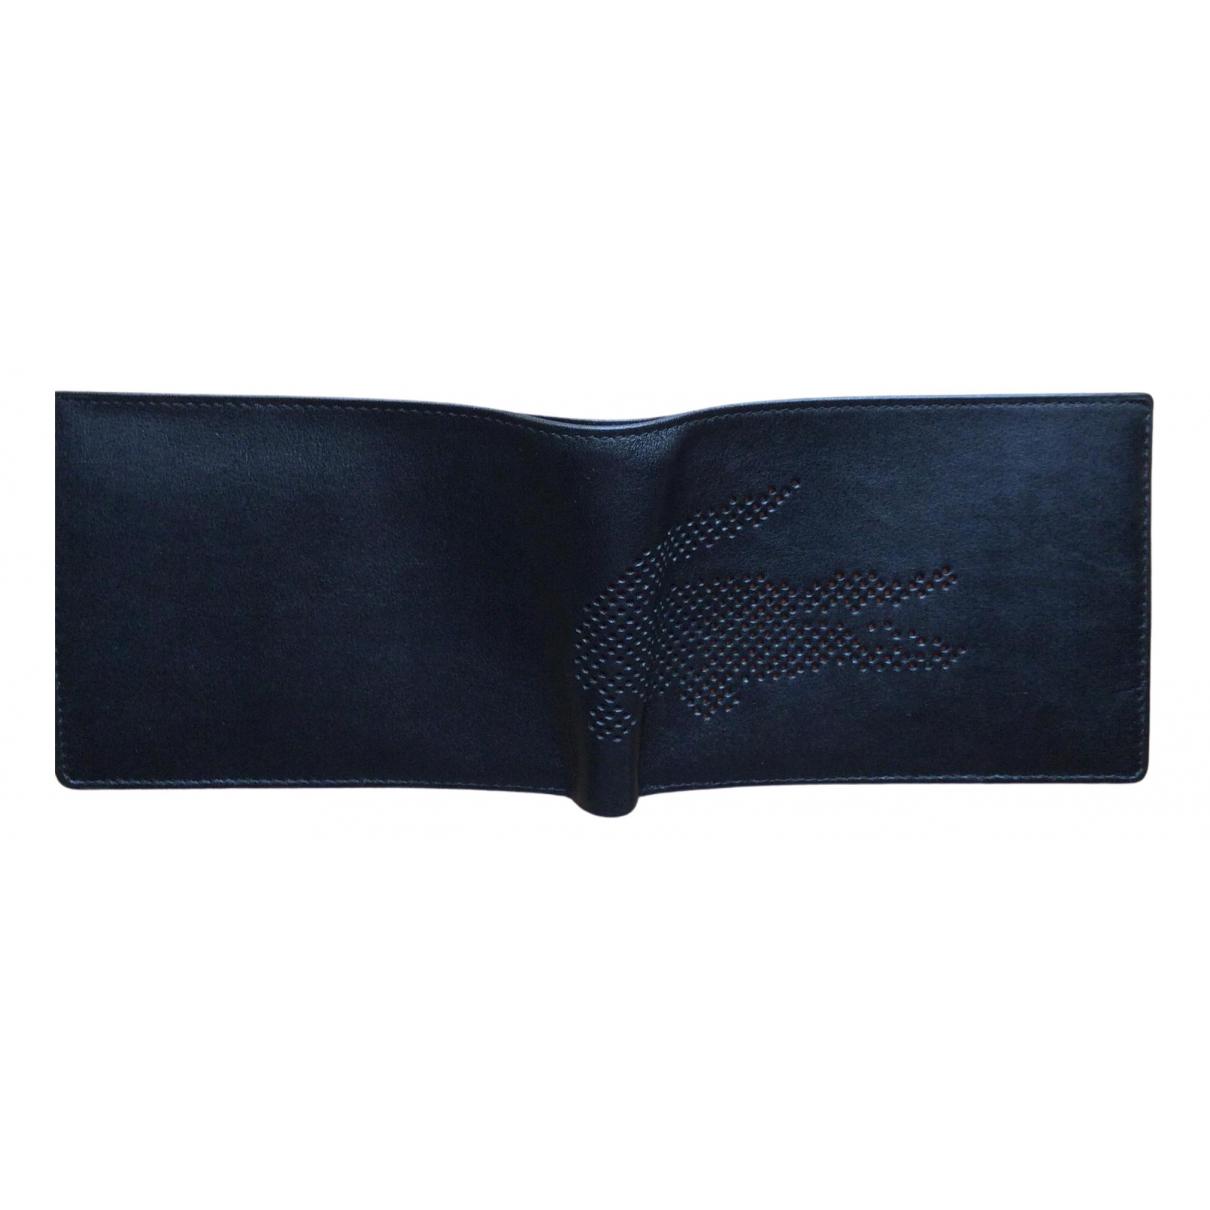 Lacoste - Petite maroquinerie   pour homme en cuir - bleu